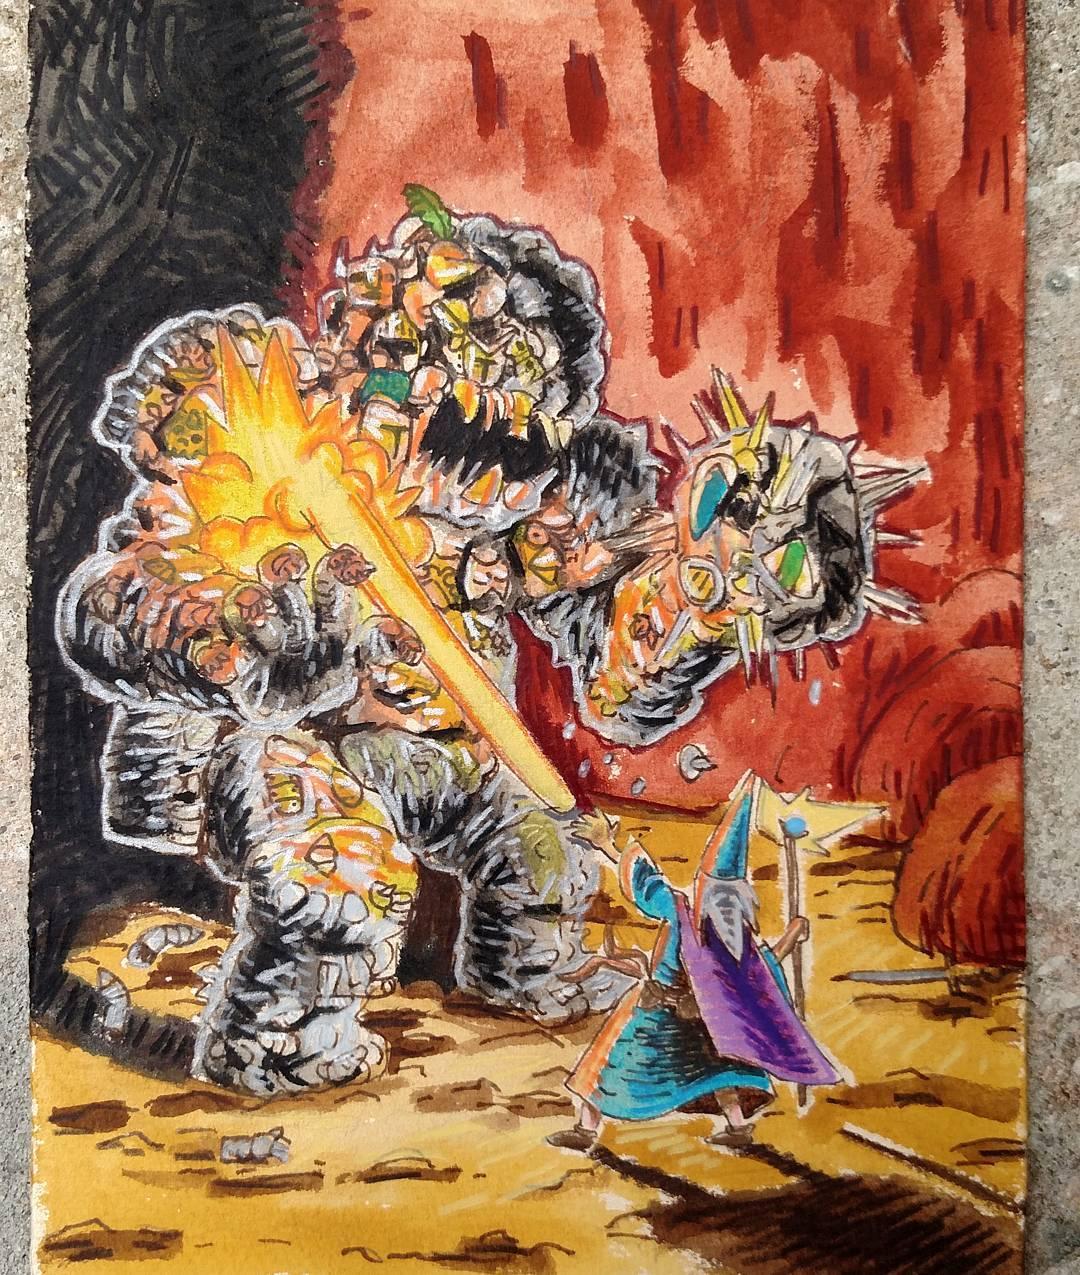 """redjarojam """"Iron Golem"""" - by Jared DeCosta (redjarojam) www.instagram.com/redjarojam (2016-2019) © dell'autore tutti i diritti riservati"""